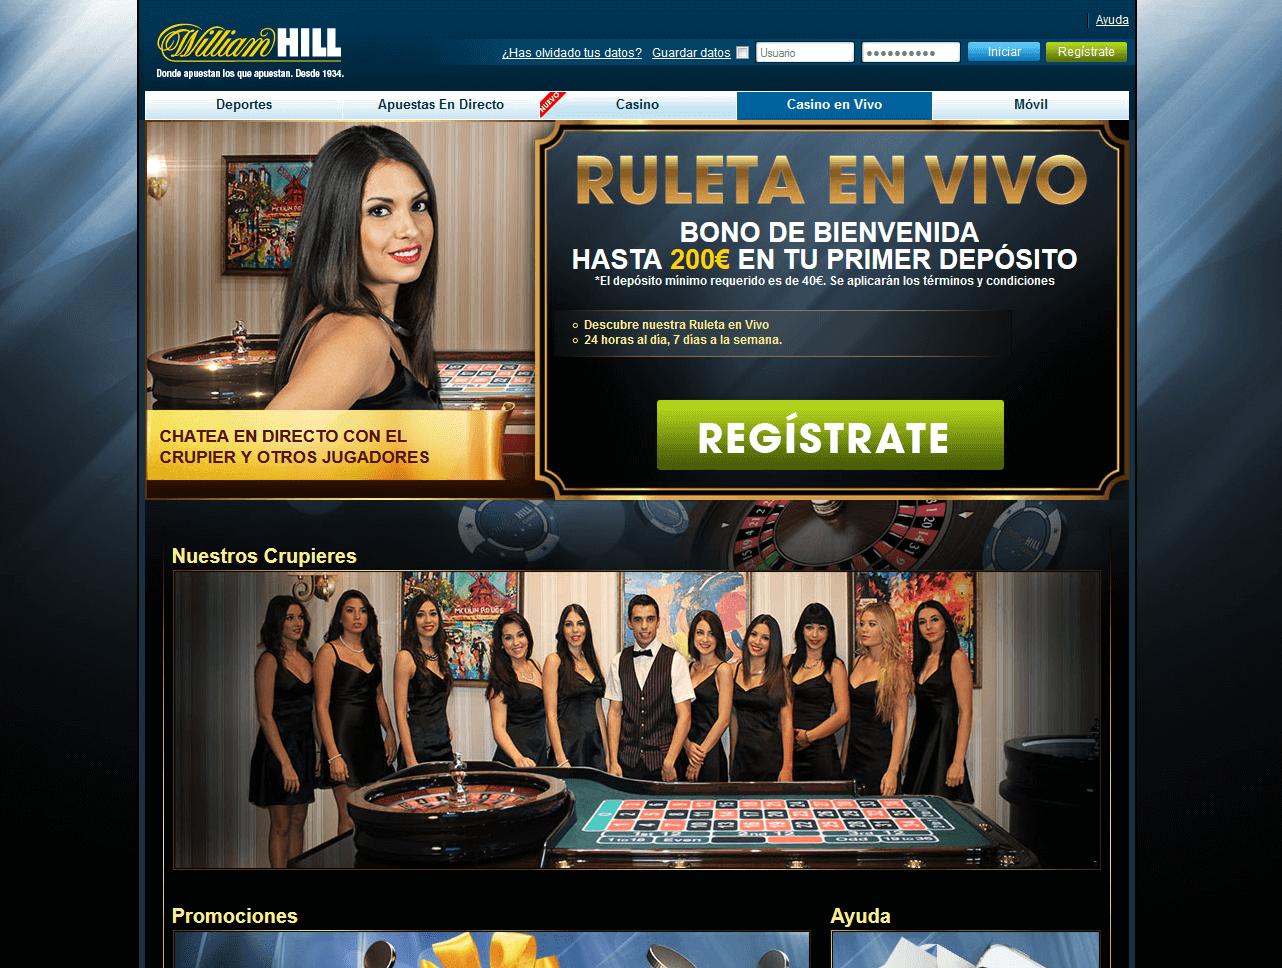 William hill baloncesto slots de todo tipo casino-462109